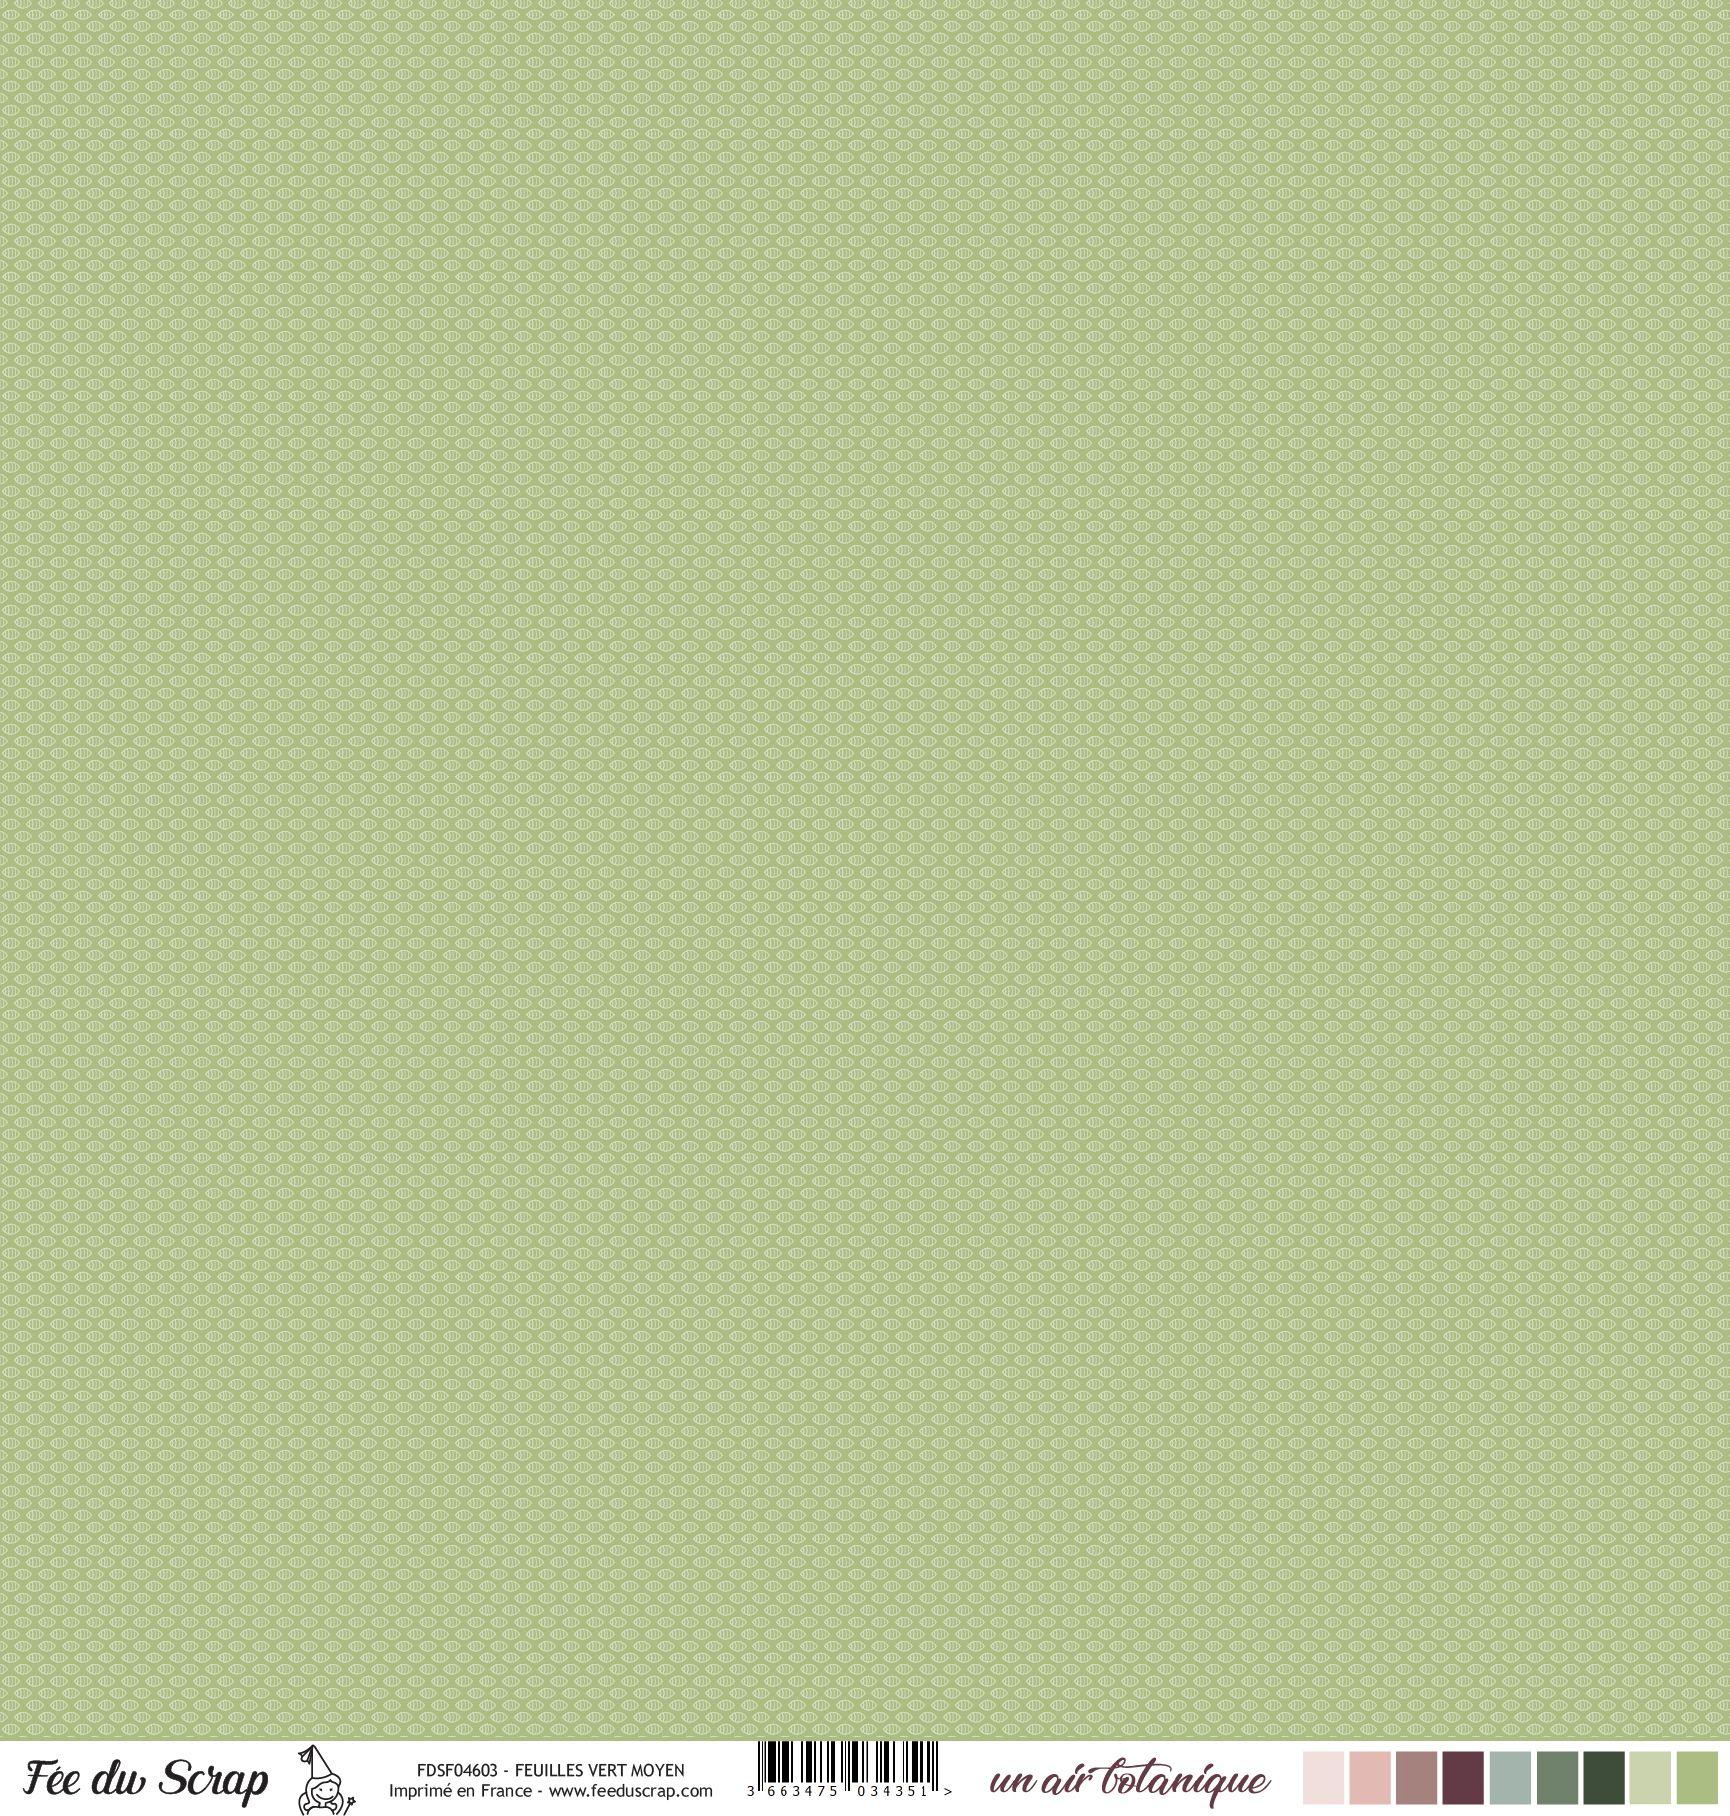 Feuille un air botanique - Feuilles Vert Moyen